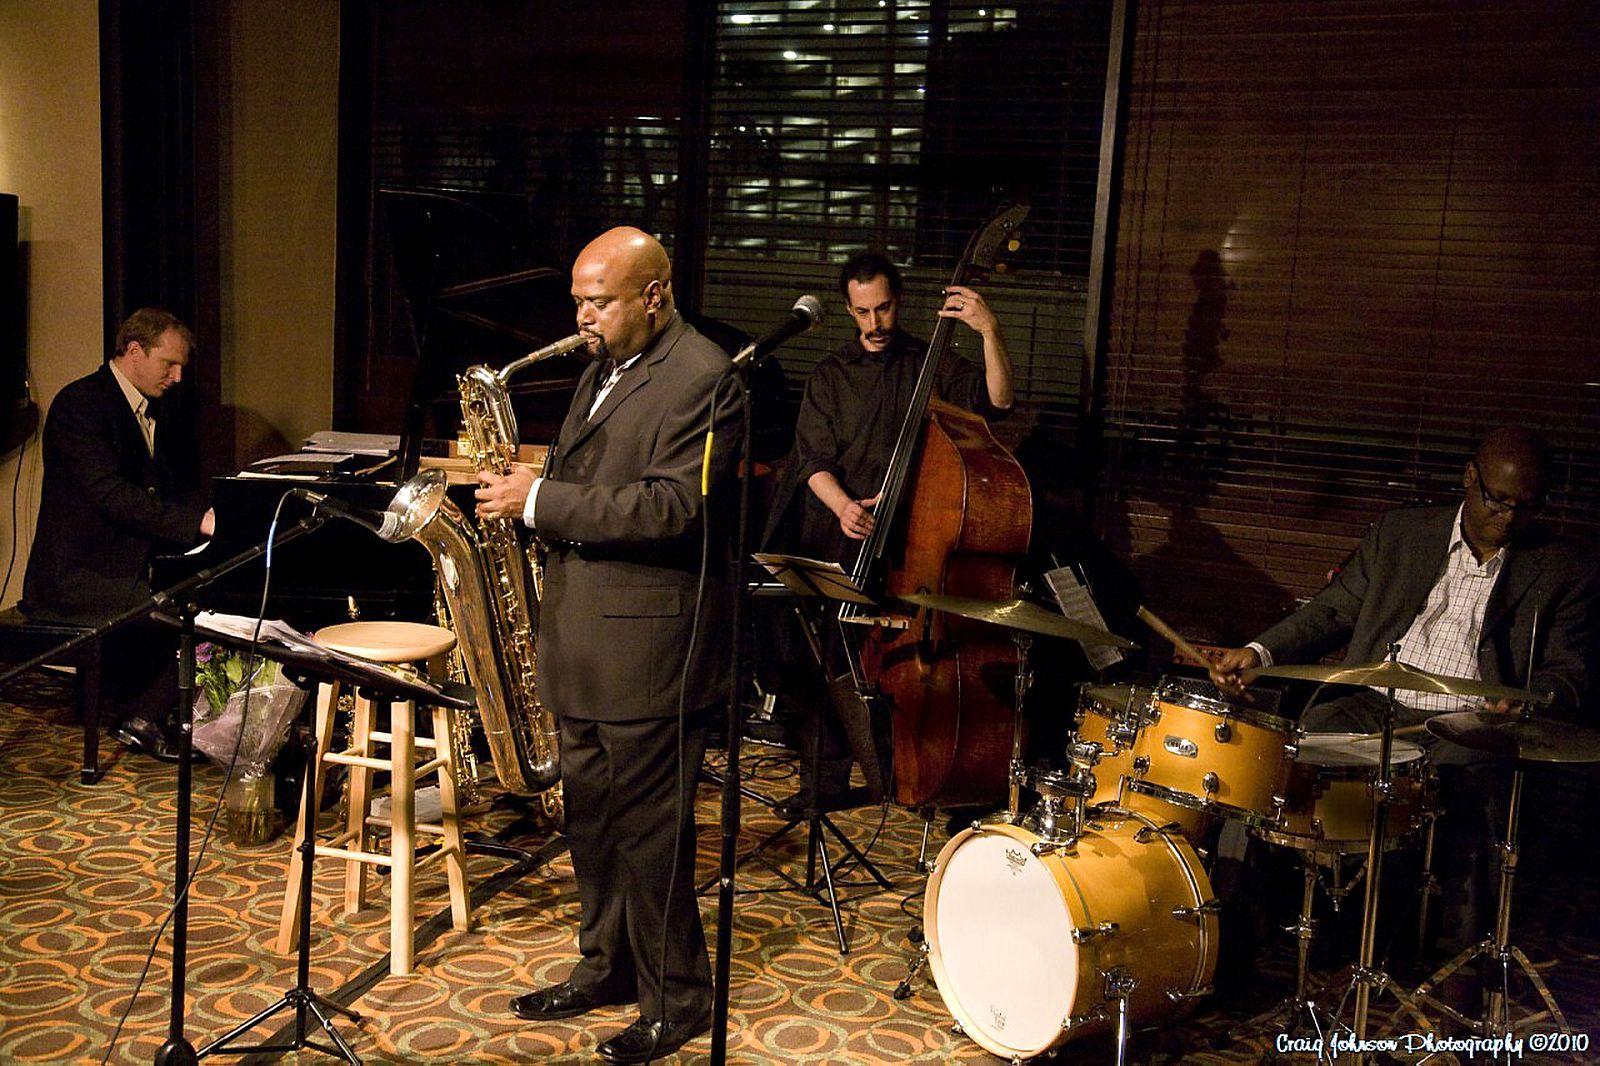 Dale Fielder Angel City Quartet CD Release